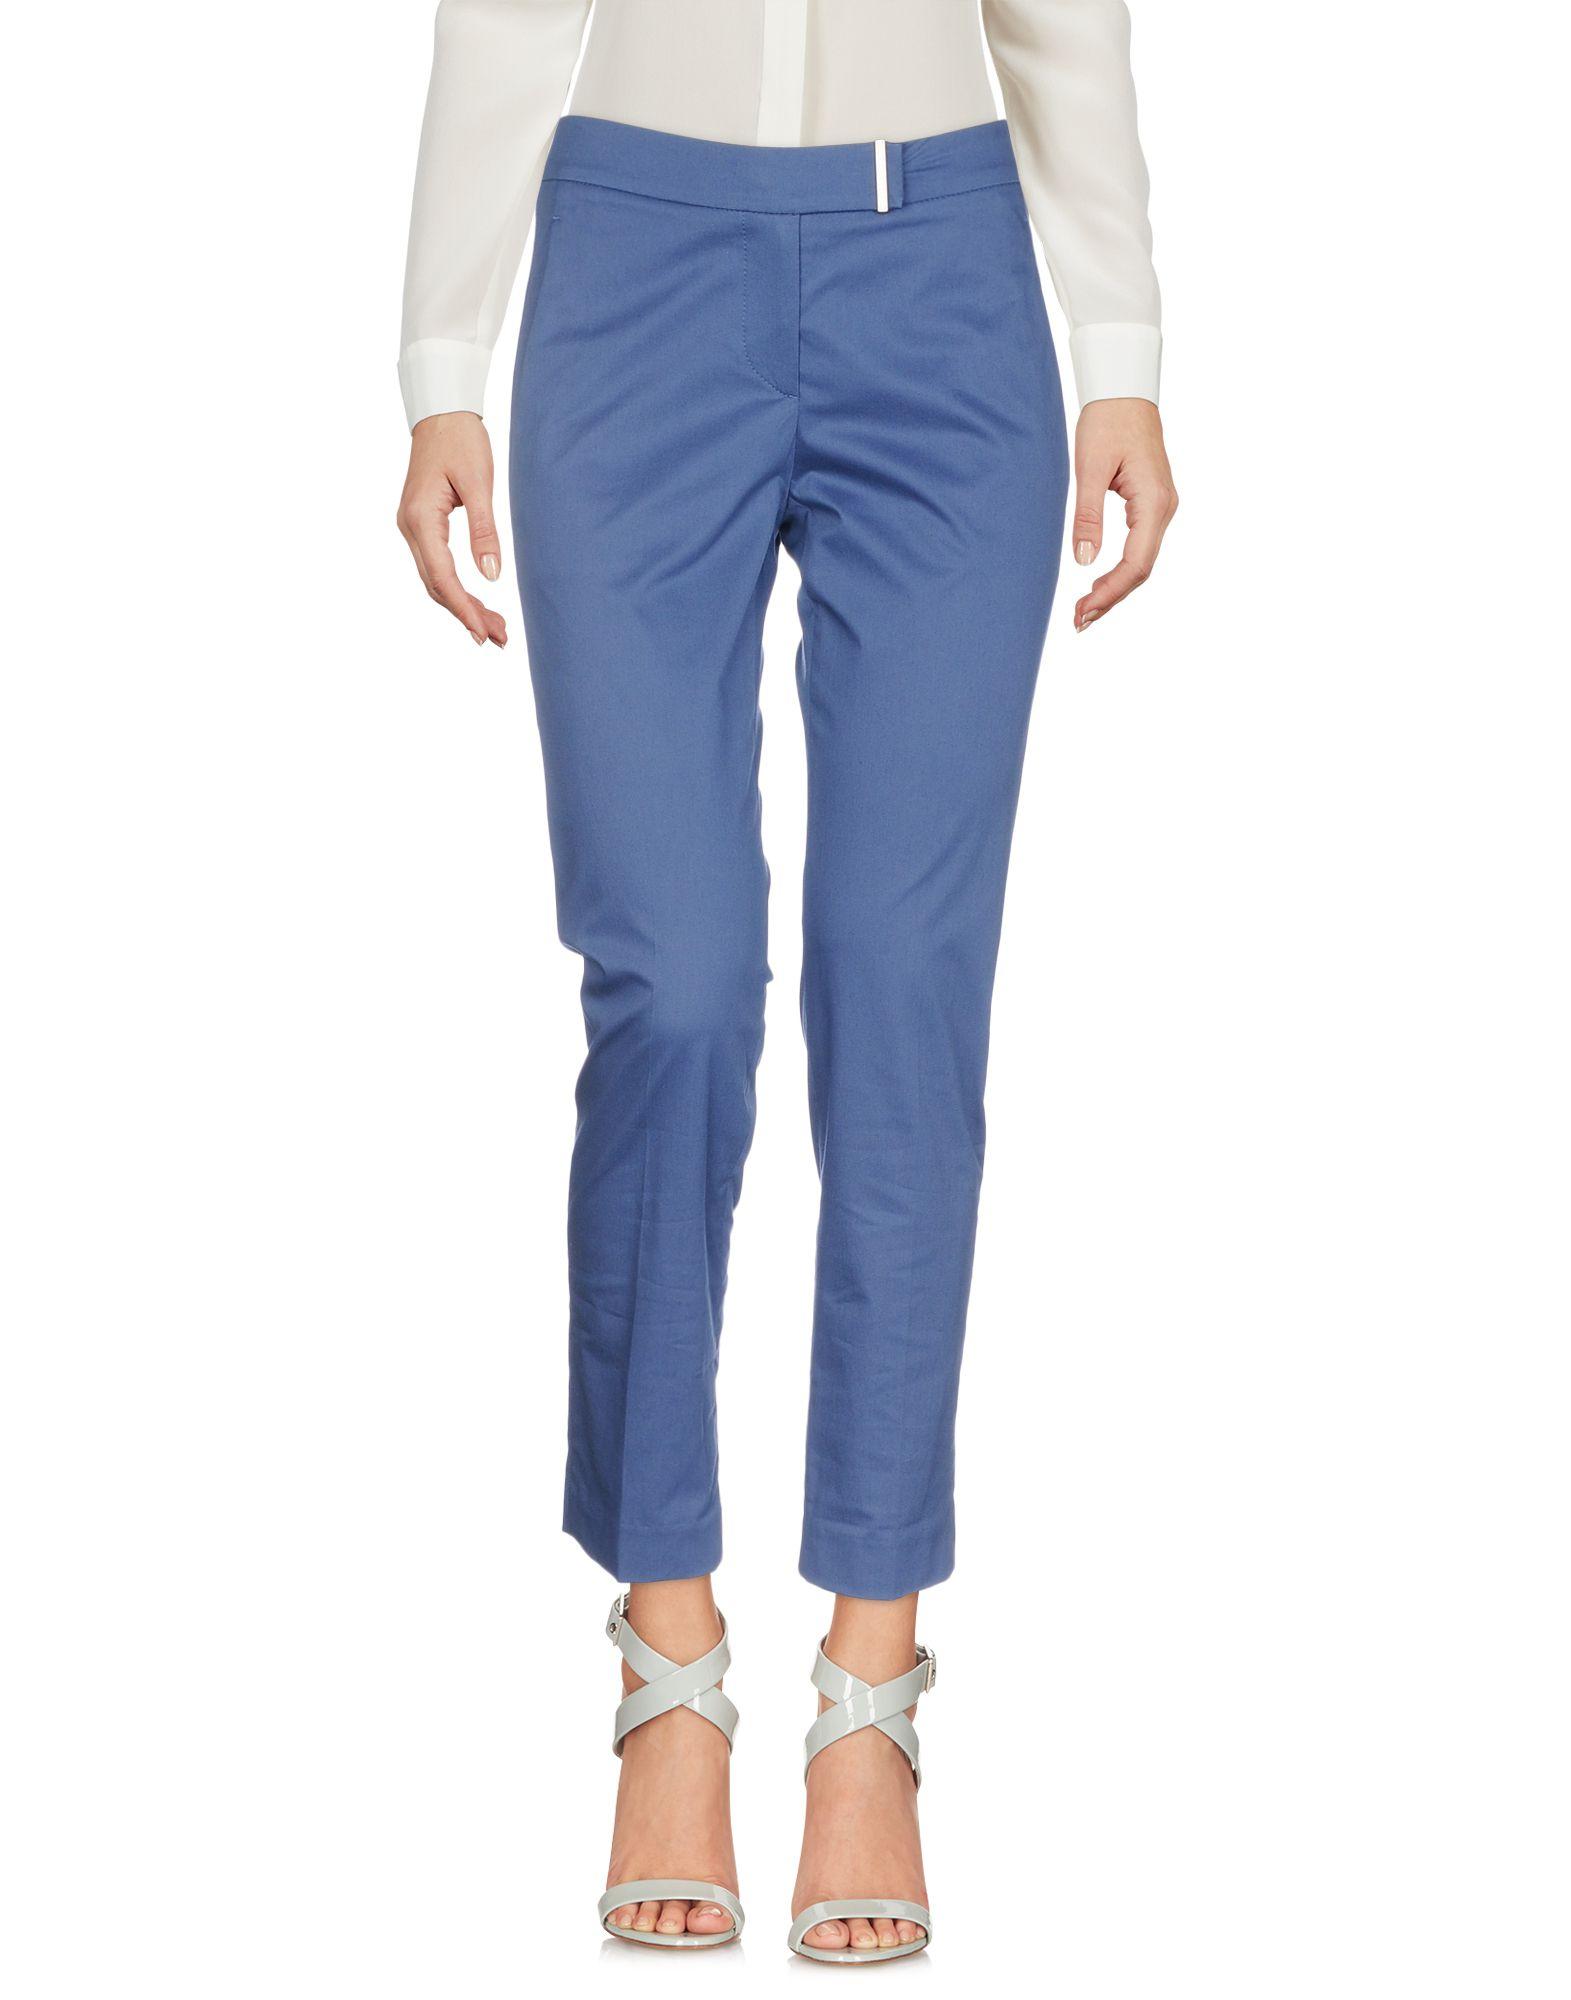 BRUNELLO CUCINELLI Damen Hose Farbe Blau Größe 3 jetztbilligerkaufen